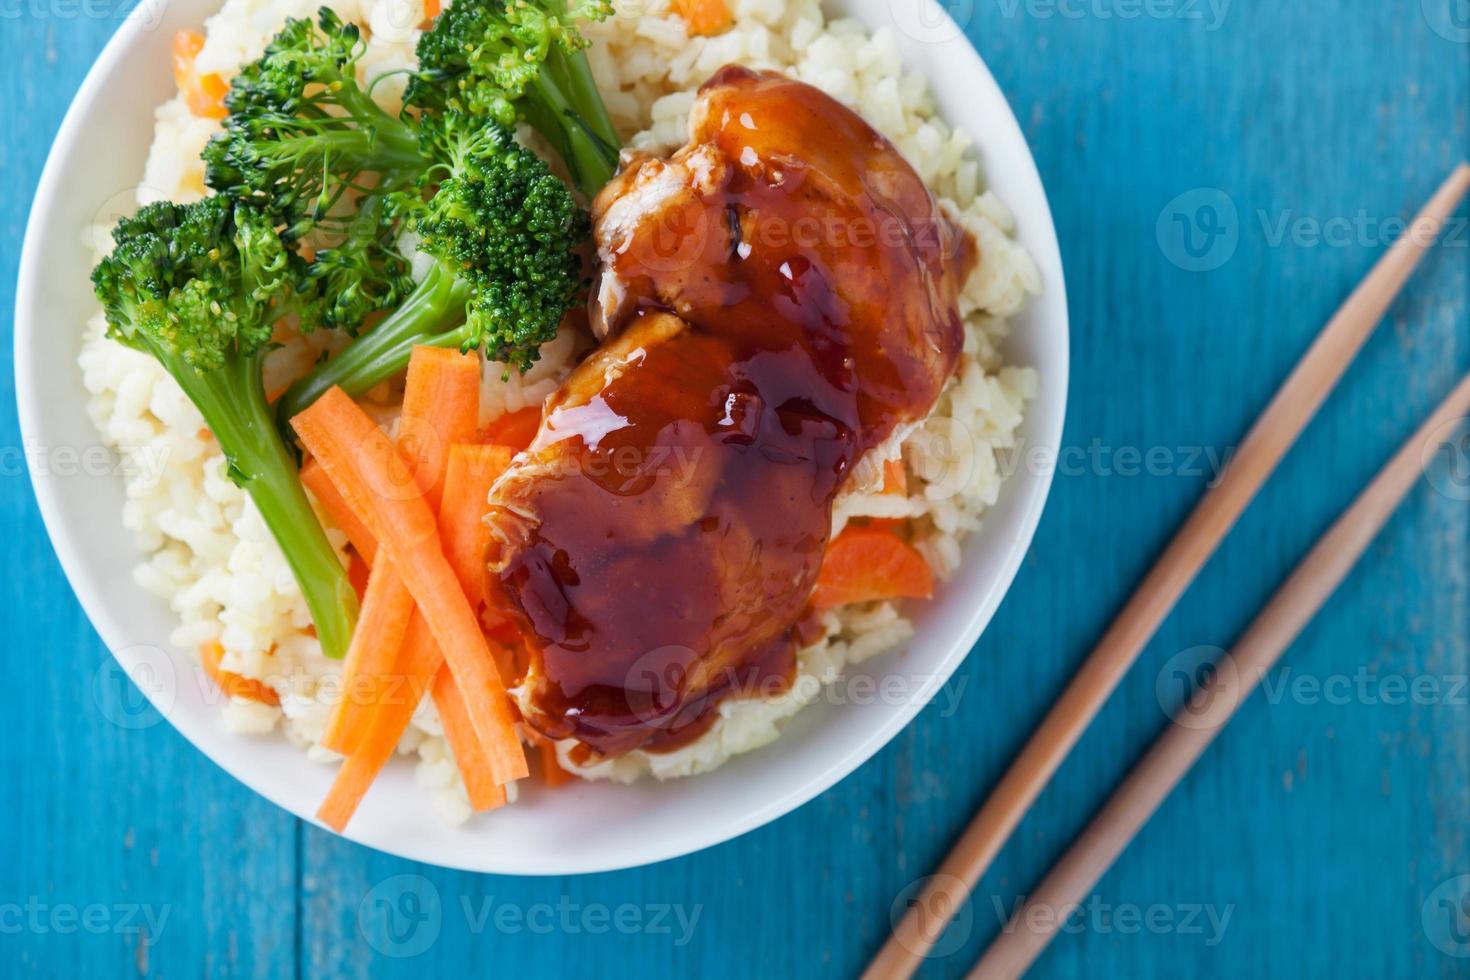 rijst kip en groenten maaltijd foto